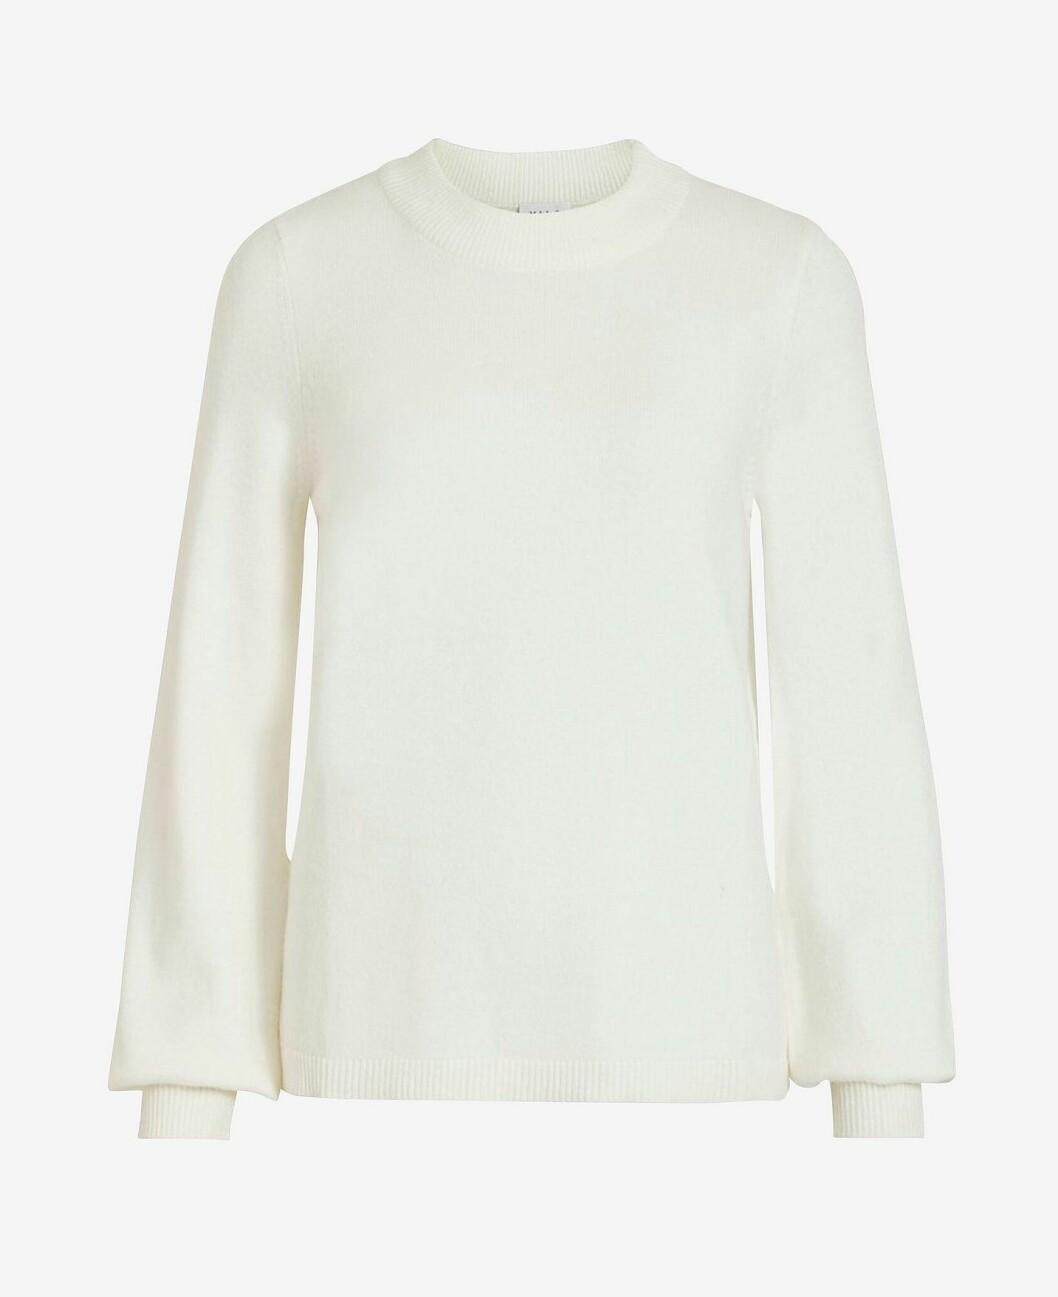 Vit stickad tröja med vid ärm för dam till 2020